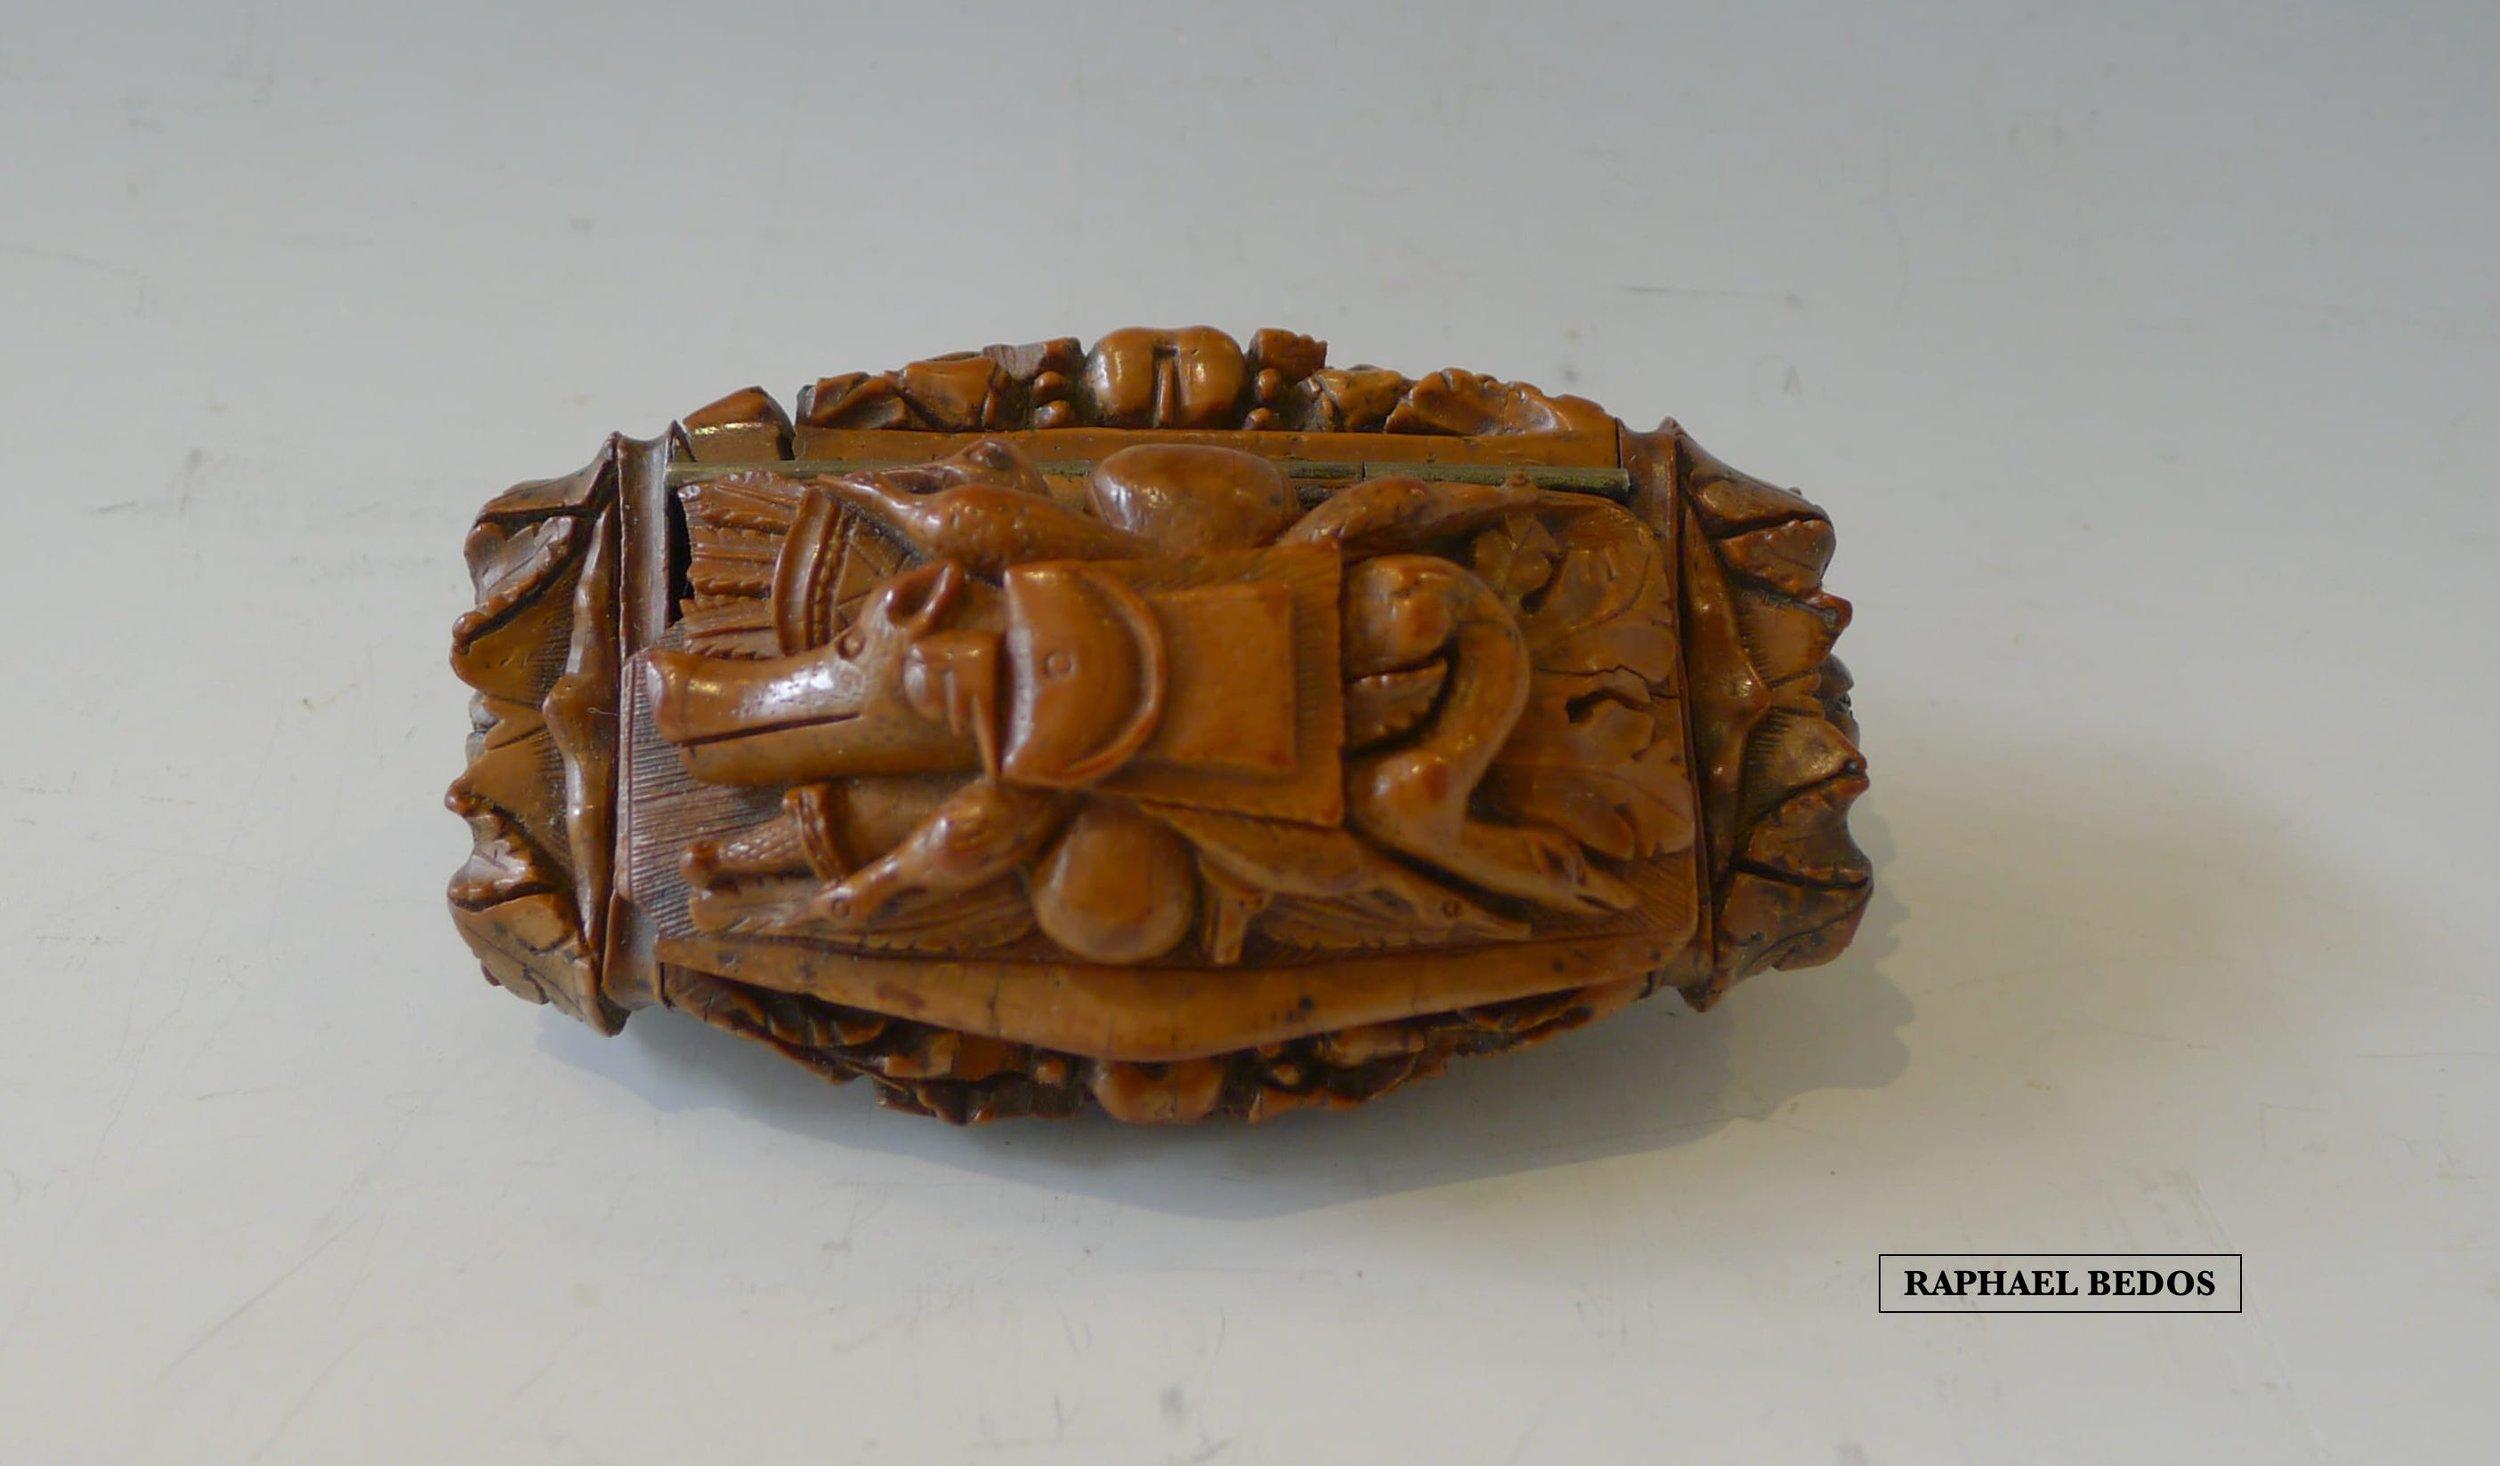 15.Tabatière de chasseur. Tête de sanglier , une gibecière et des oiseaux. Corozo.L : 9cm